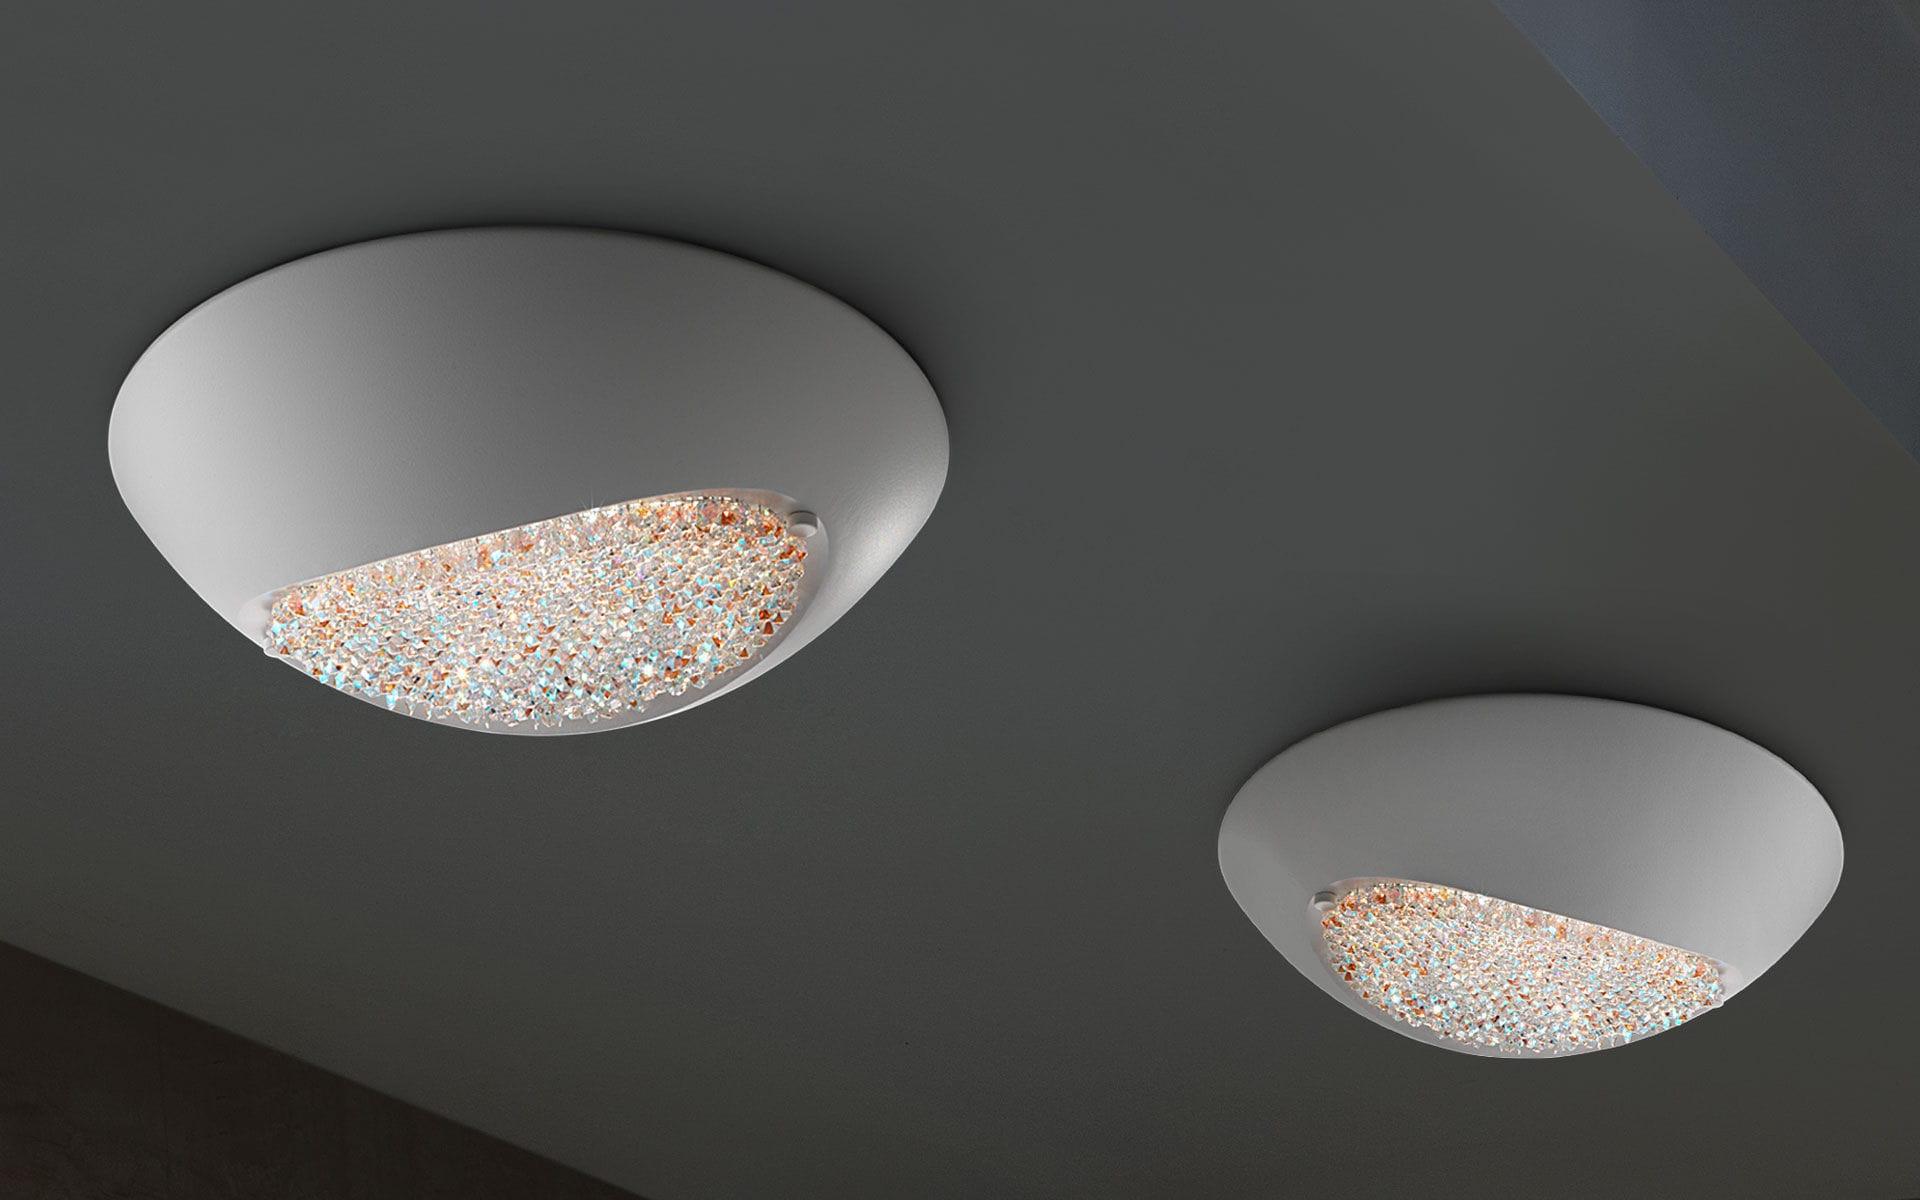 Plafoniera Cristallo Swarovski : Plafoniera moderna in cristallo swarovski alluminio a